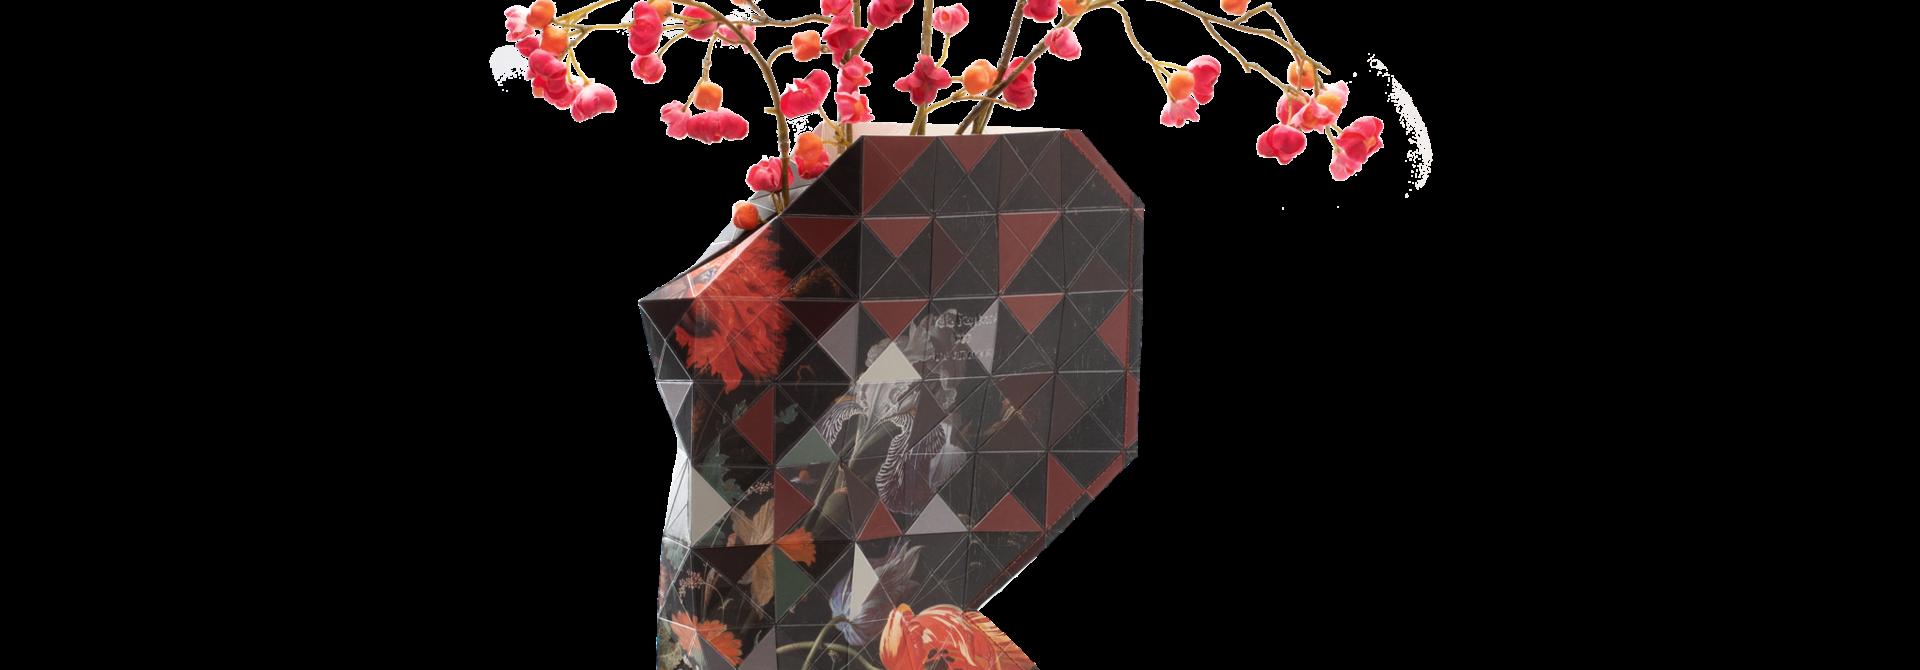 Papieren vaas Still Life with Flowers